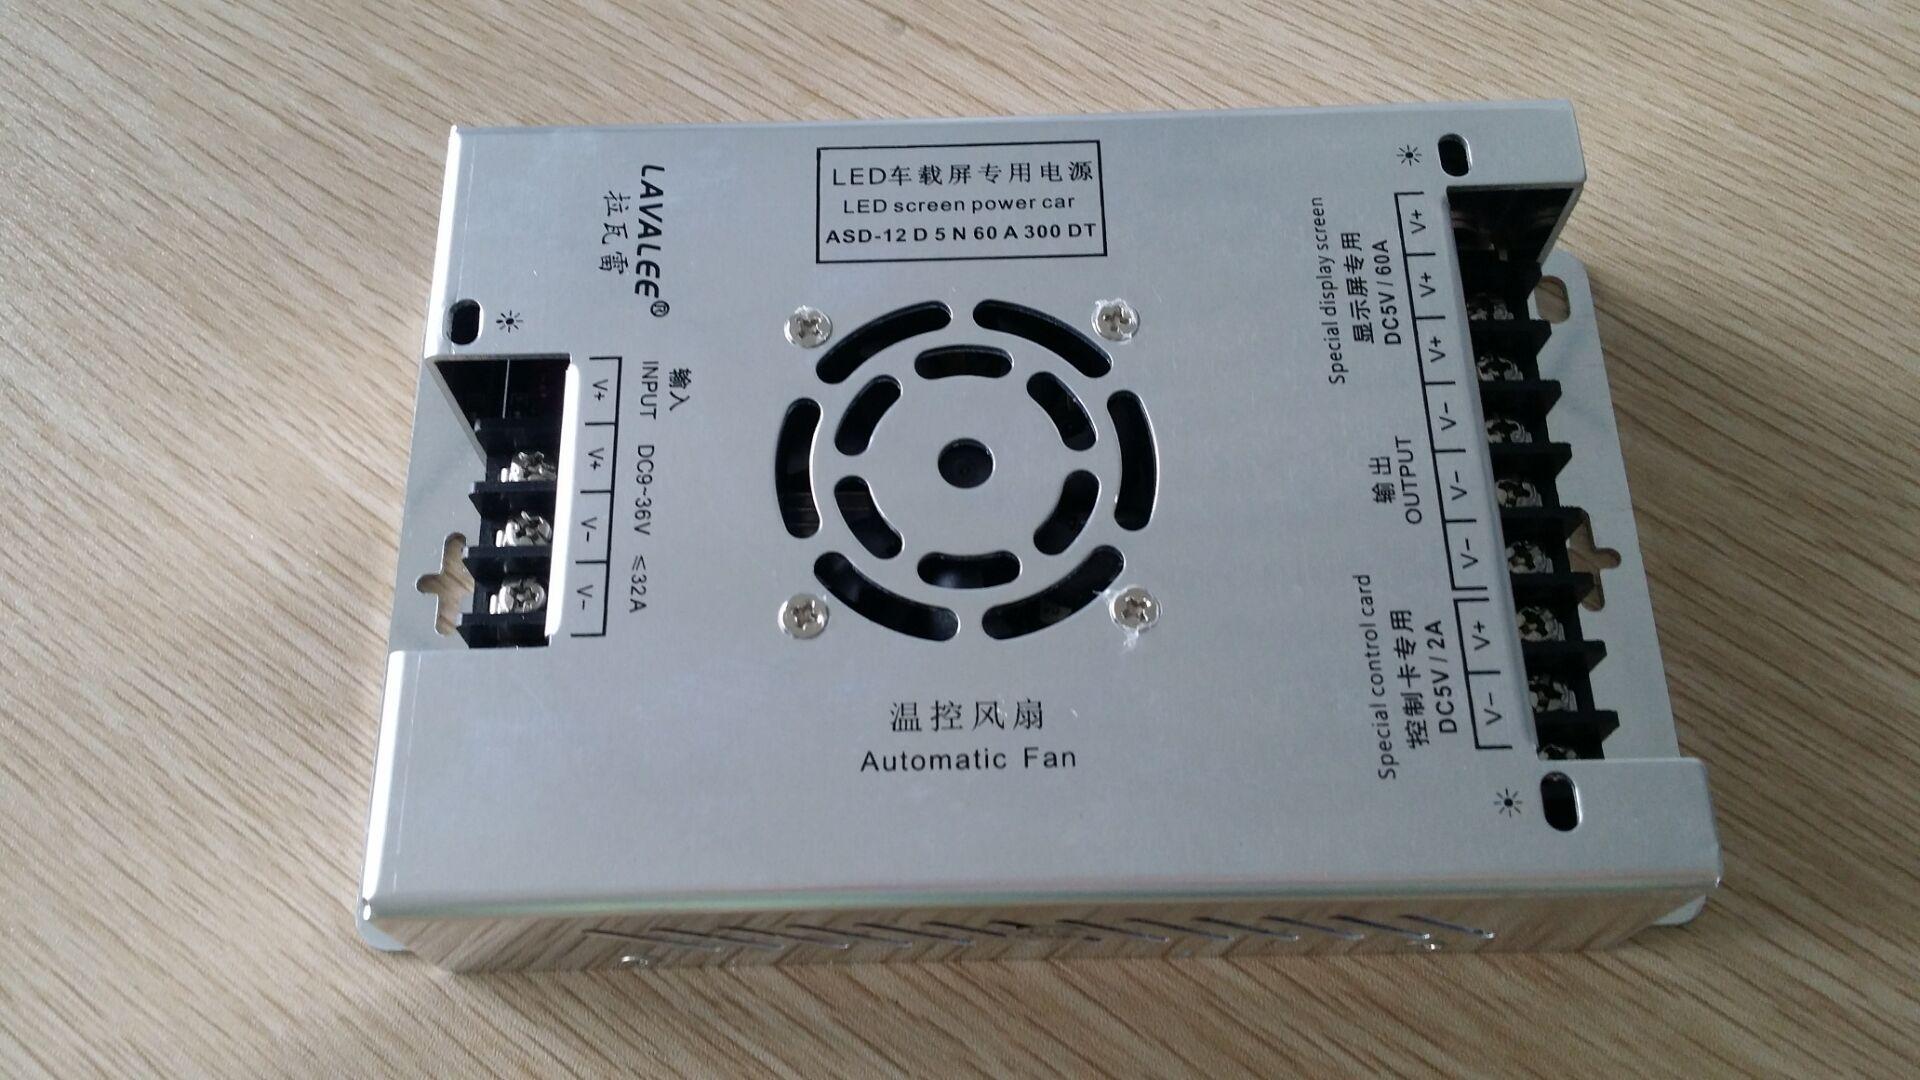 nguon-lavalee-led-5v-60a-300w